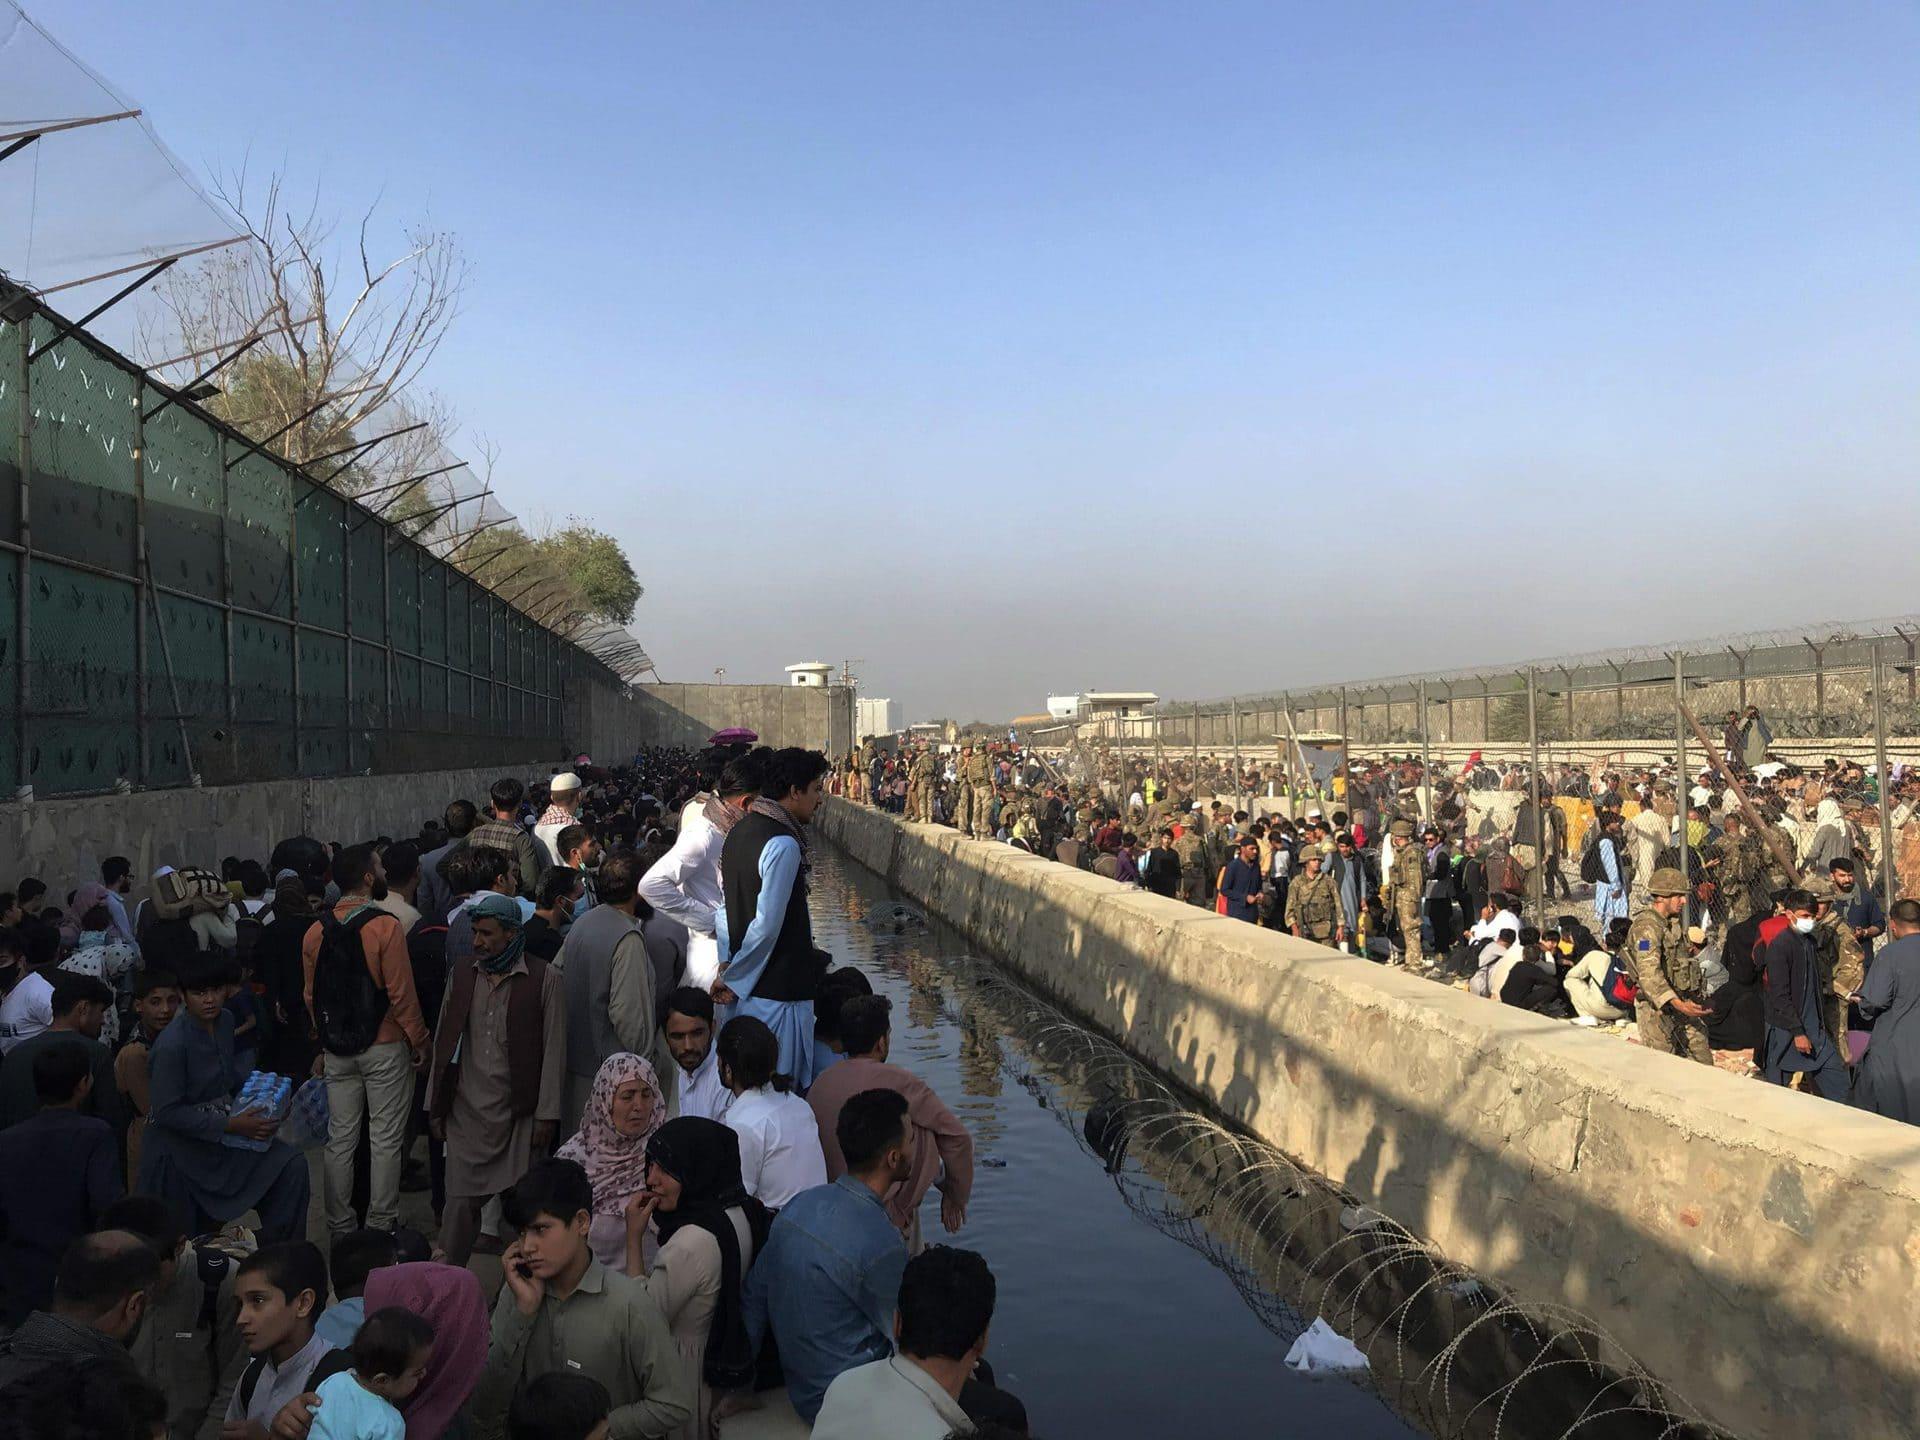 Angriff am Flughafen Kabul: Bundeswehr an Gefecht beteiligt Konflikte